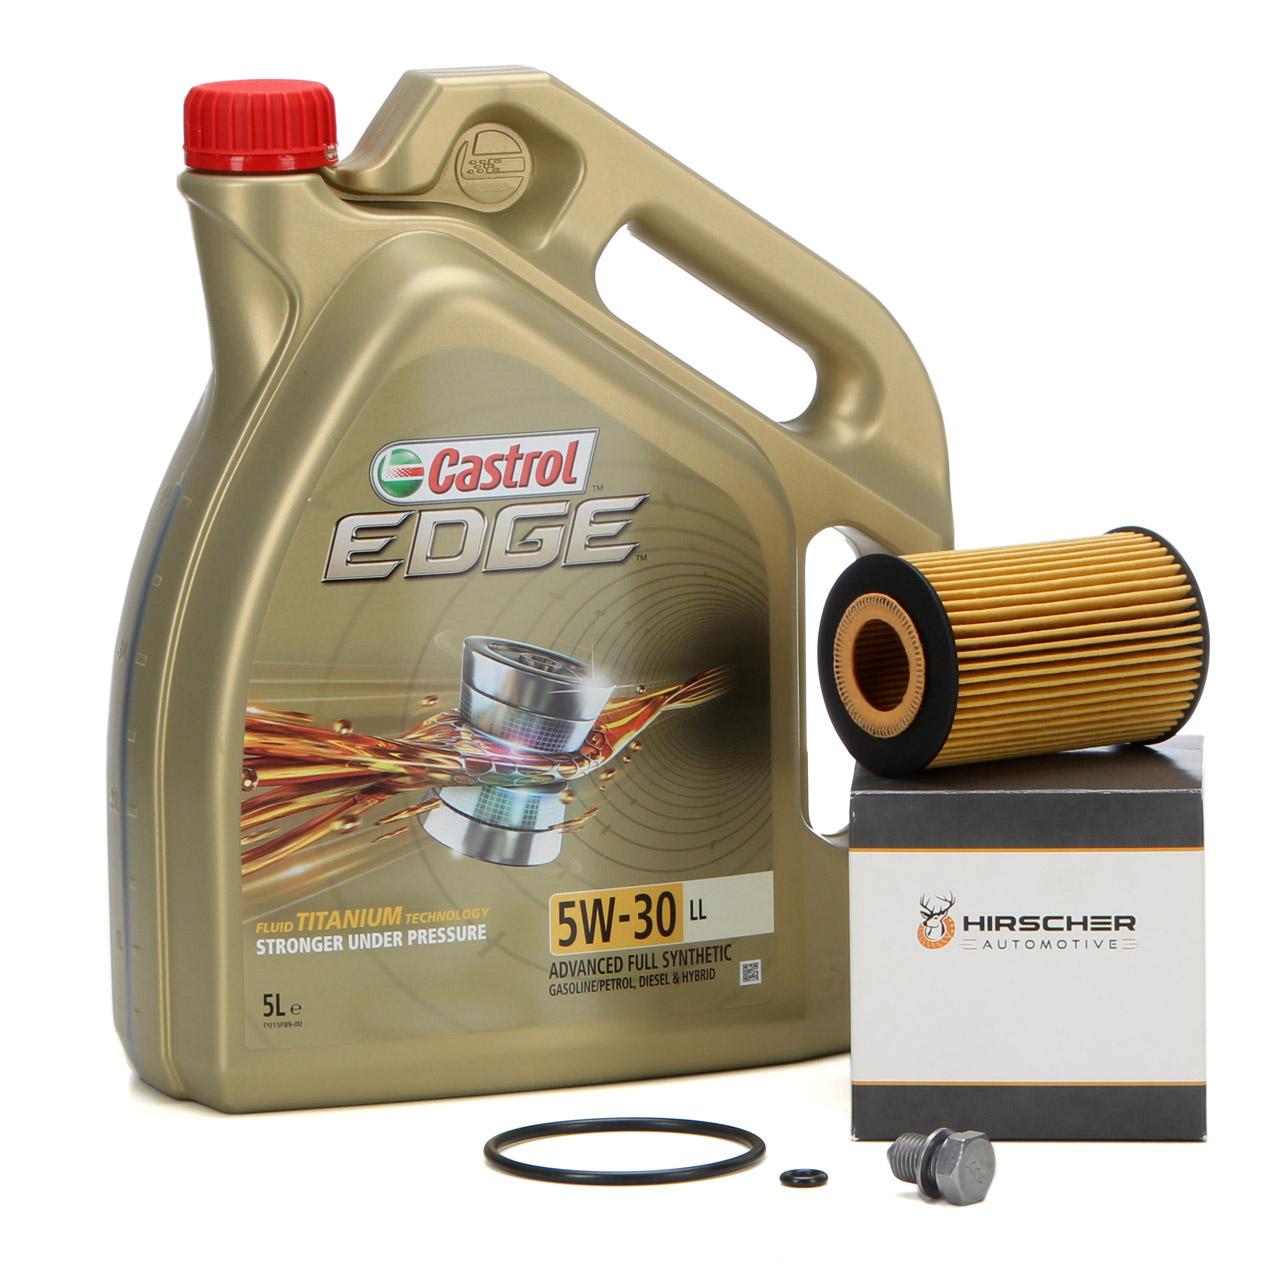 CASTROL EDGE Motoröl ÖL TITANIUM 5W30 LL 5 Liter + HIRSCHER Ölfilter 03N115562B